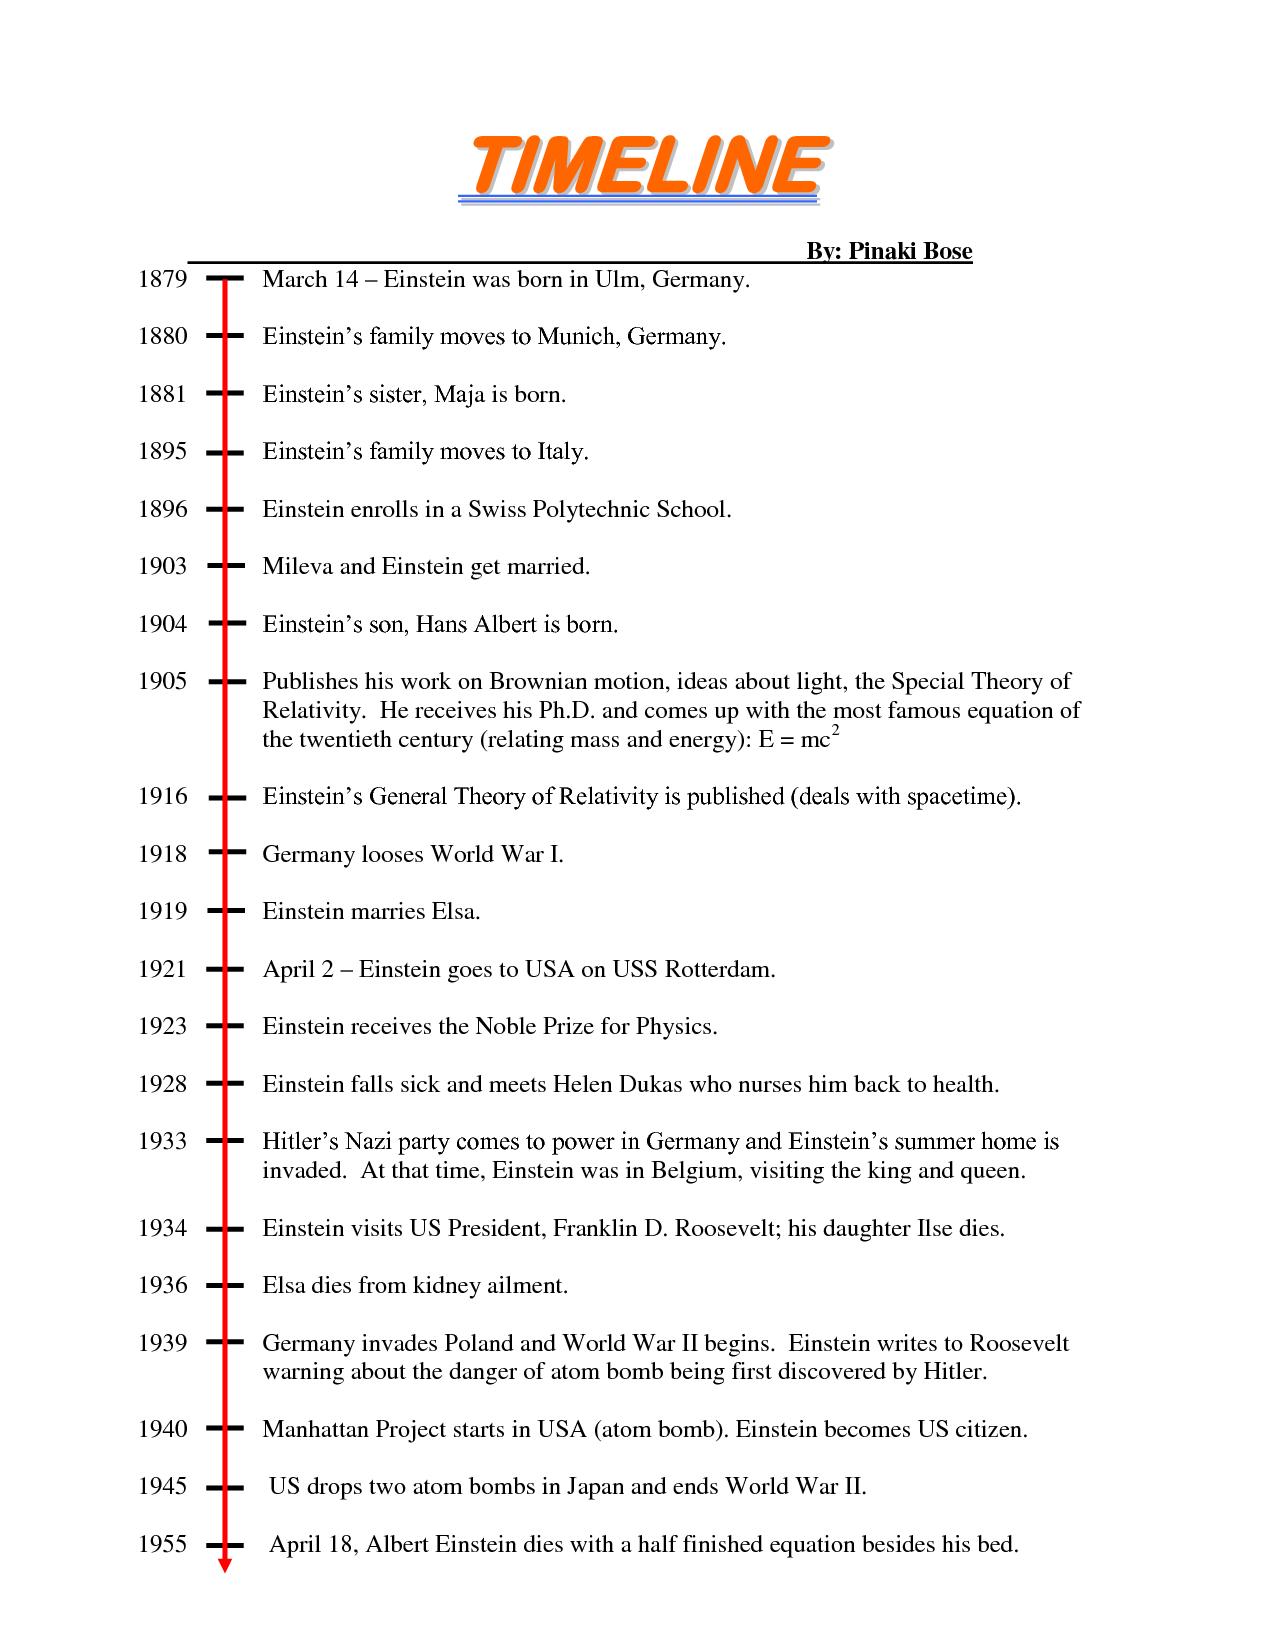 Albert Einstein Invention Timeline | Albert Einstein ...